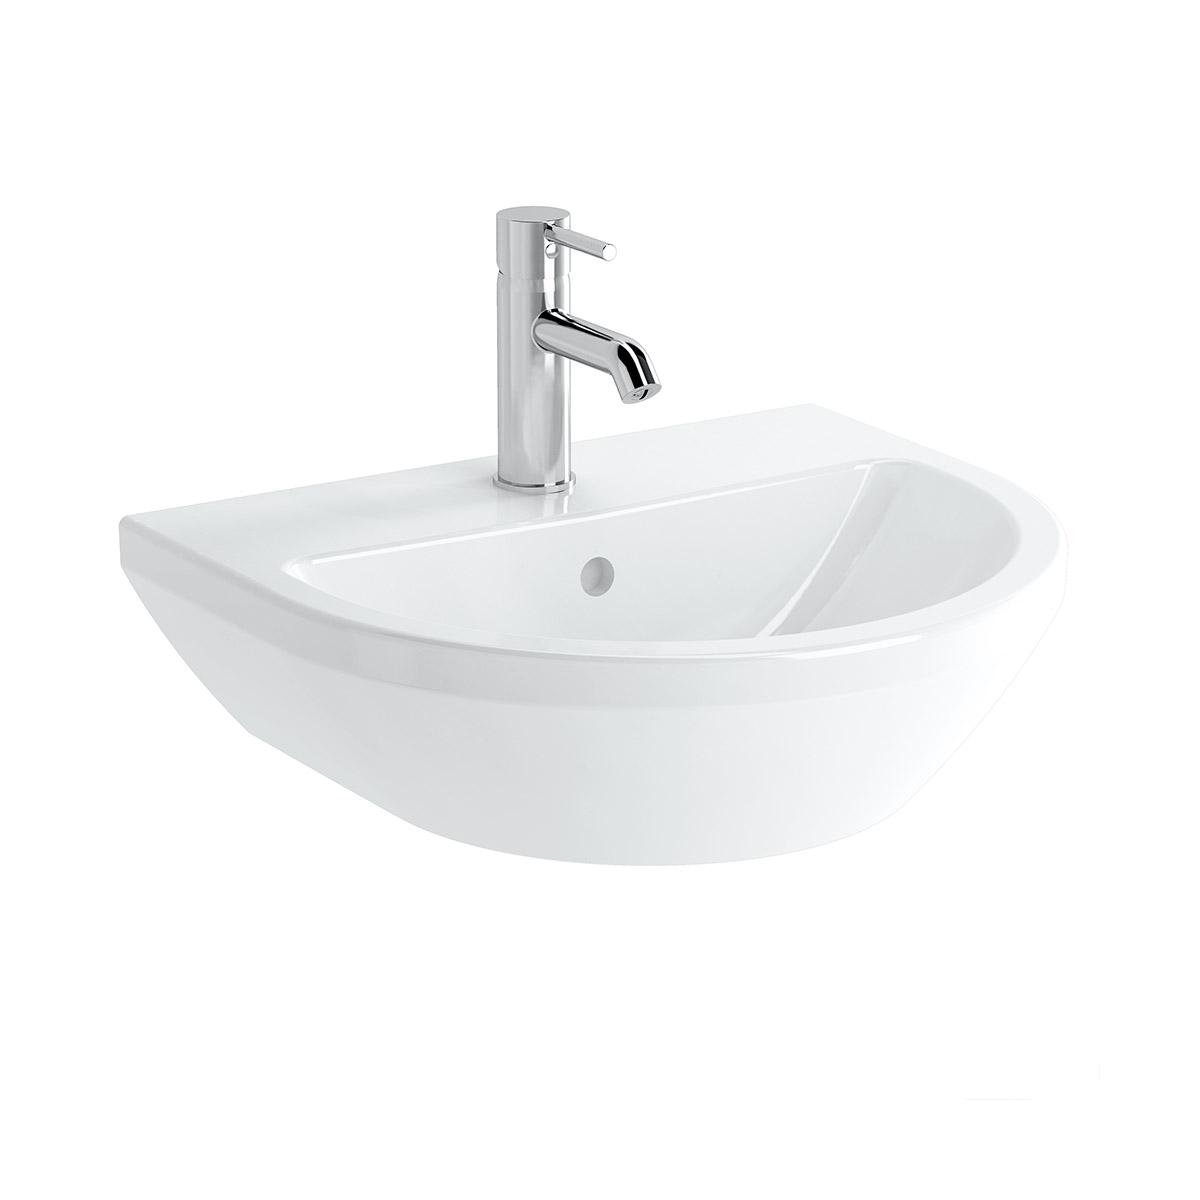 Integra Waschtisch, 50 cm, rund, mit Hahnloch, mit Überlaufloch, Weiß, VitrA Clean